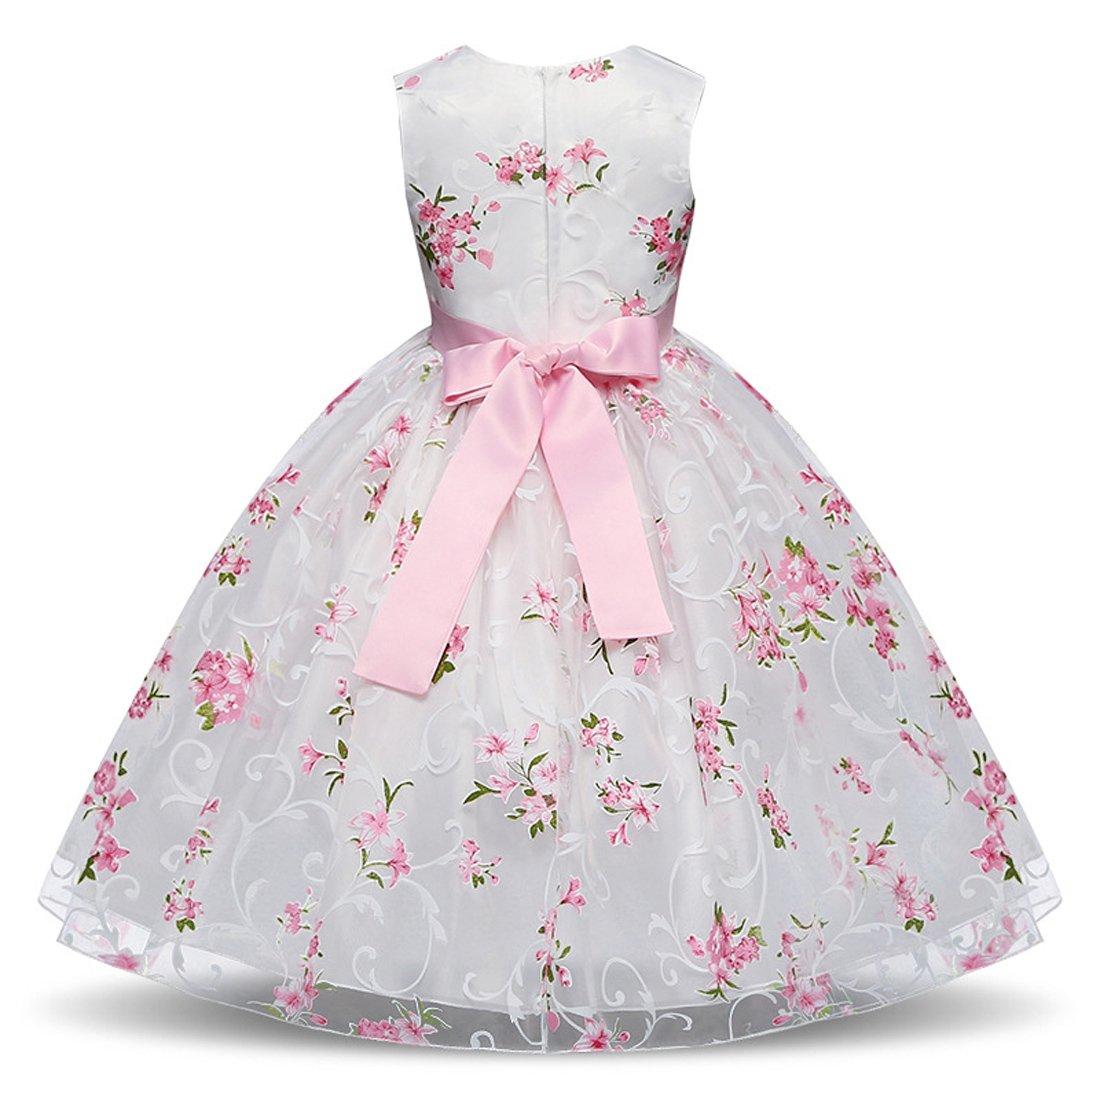 Ankoee Vestido Elegante Boda Fiesta con Flores para Niña Vestido Blanco de Princesa para Chica Dama de Honor: Amazon.es: Ropa y accesorios